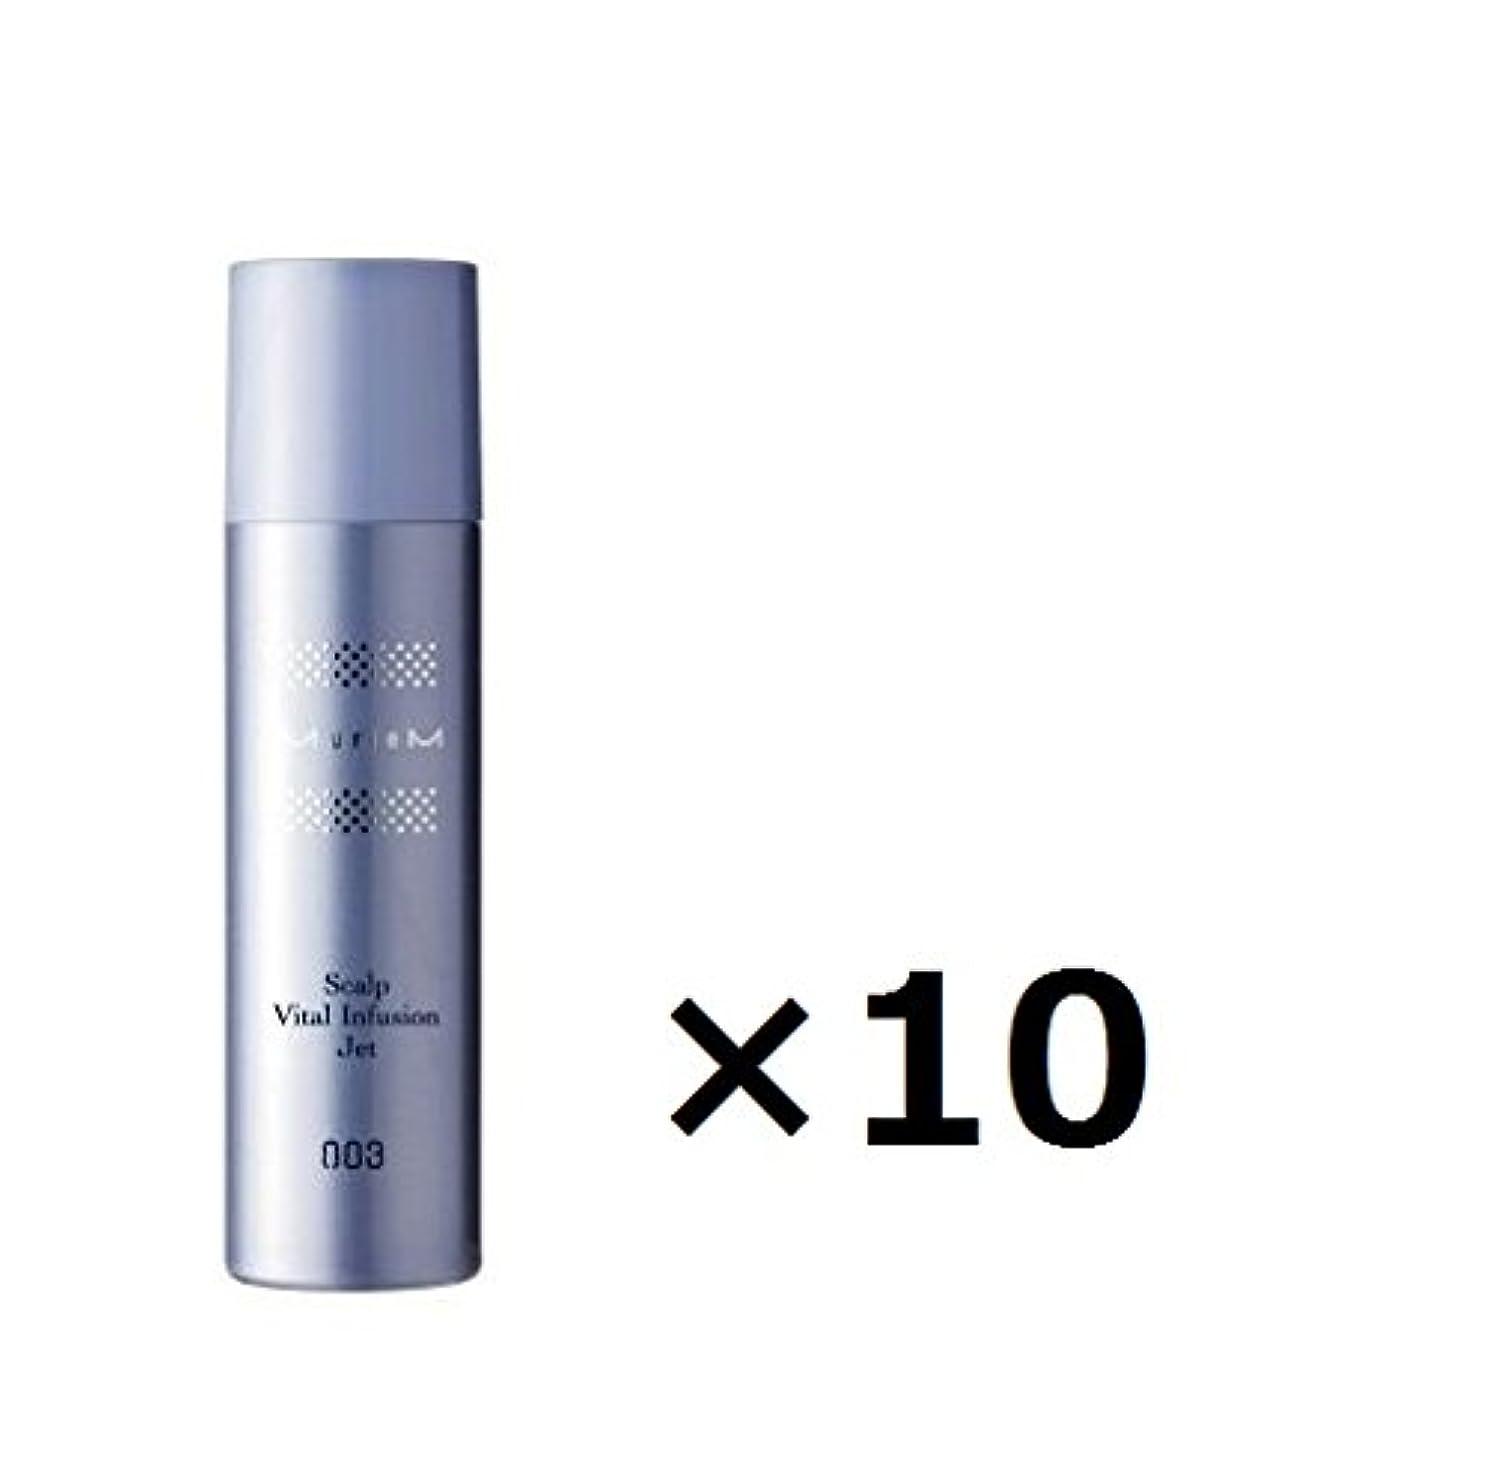 ゴムハロウィンひねくれた【10本セット】ナンバースリー ミュリアム 薬用スカルプバイタル インフュージョンジェット 160g